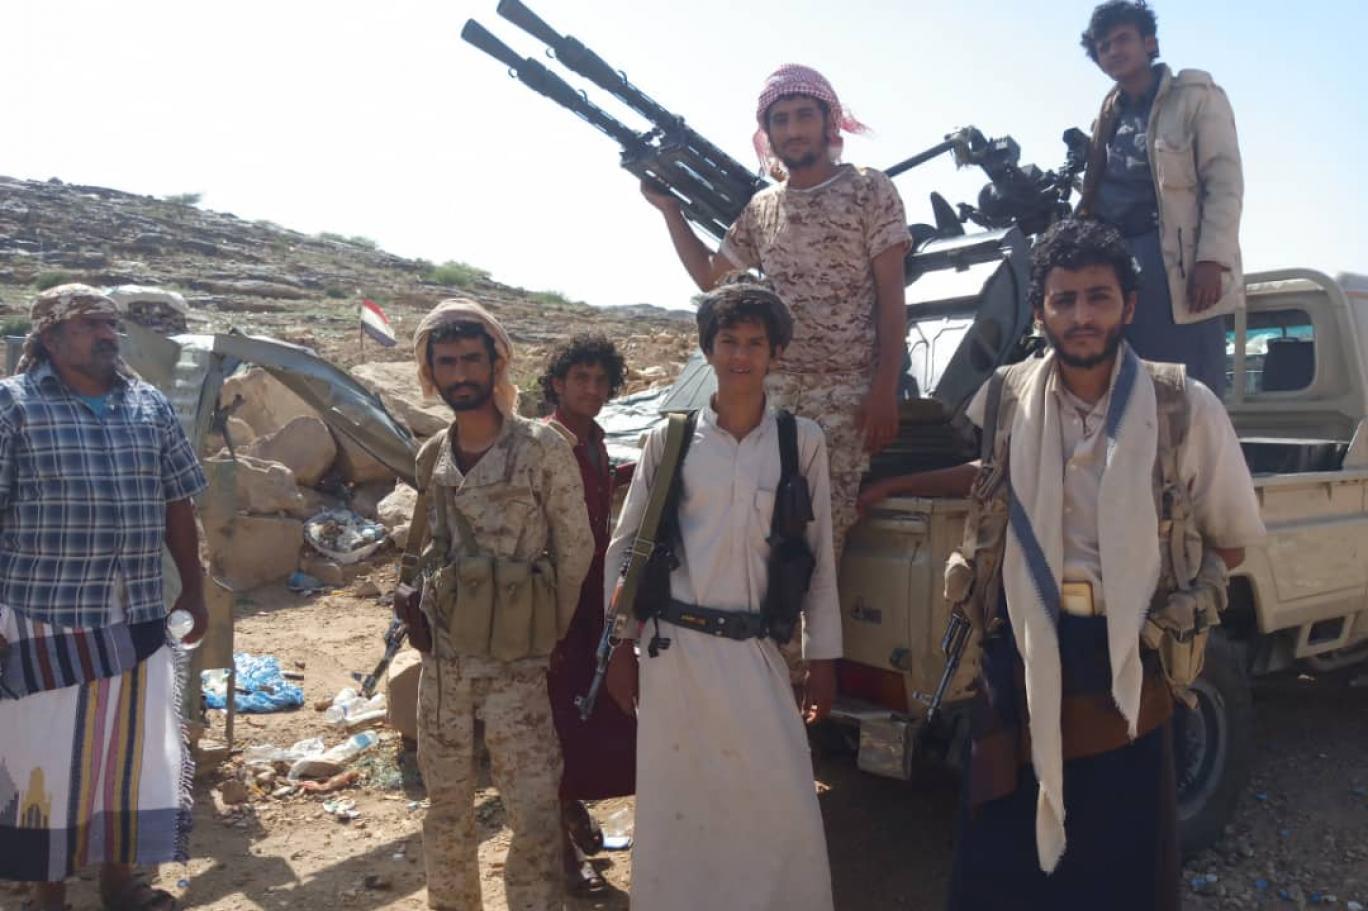 الكويت تدين استمرار محاولات جماعة الحوثي تهديد أمن السعودية